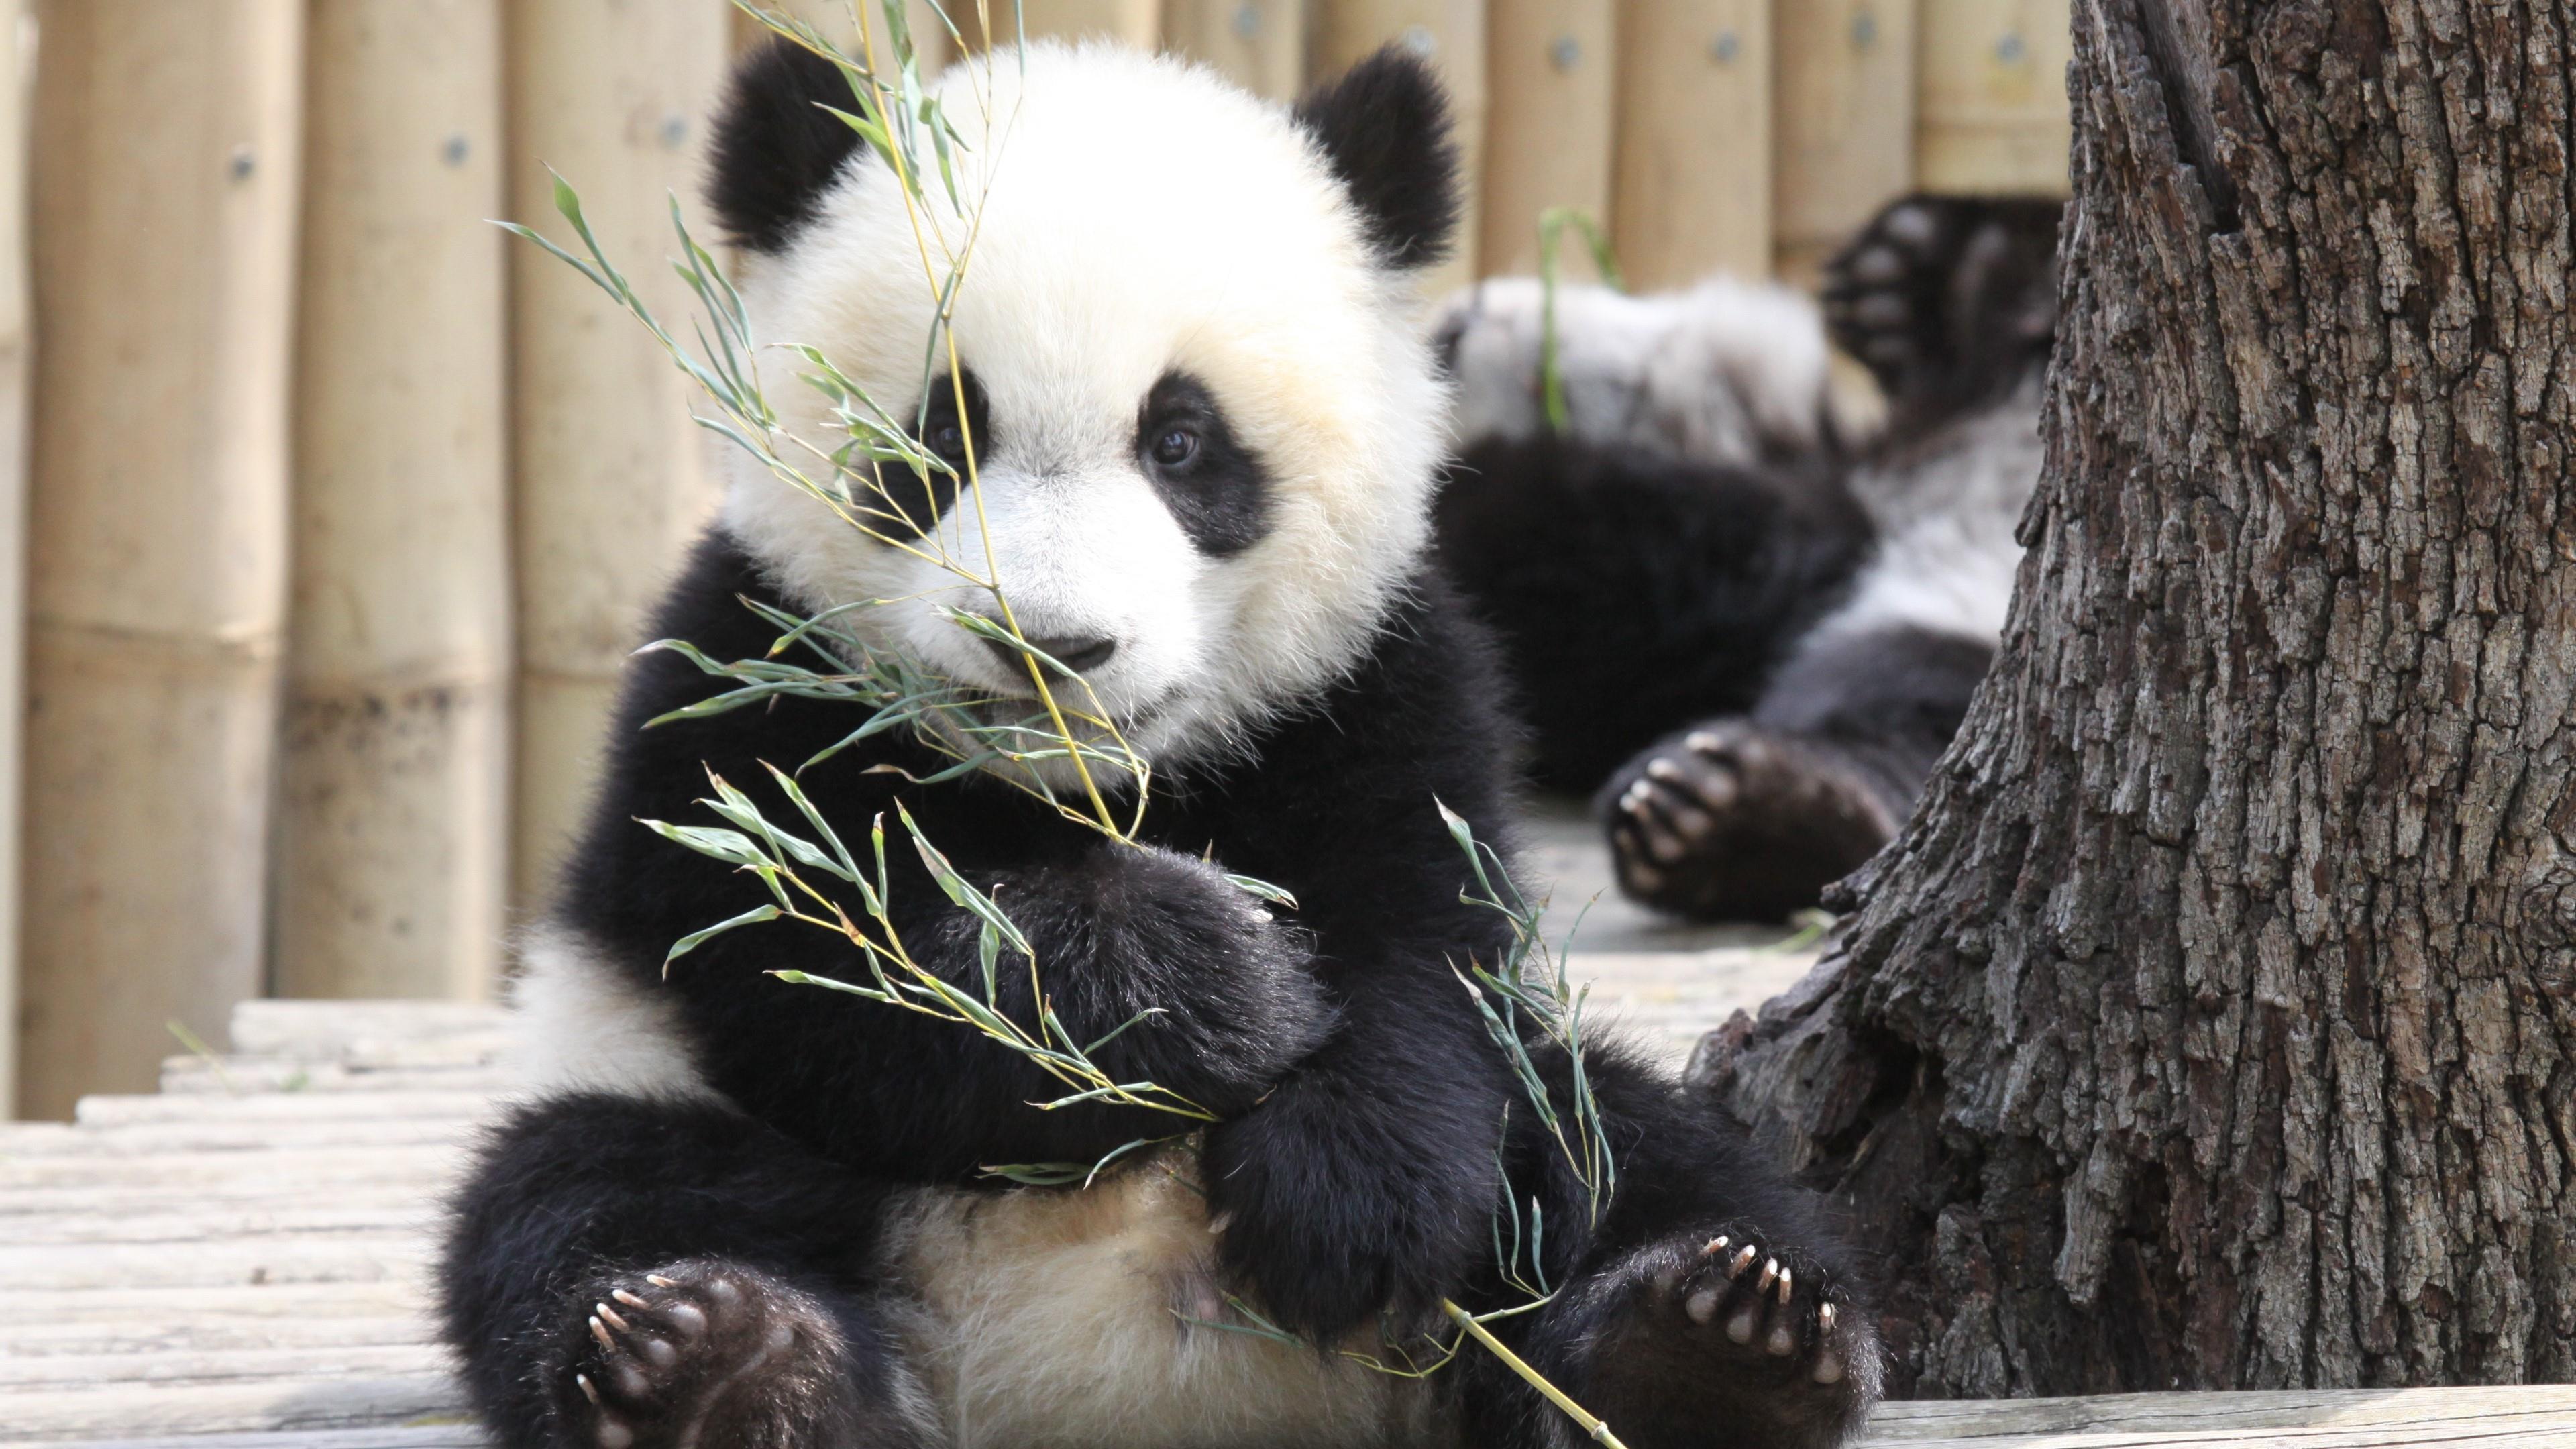 Baby panda in Madrid Zoo Aquarium wallpaper